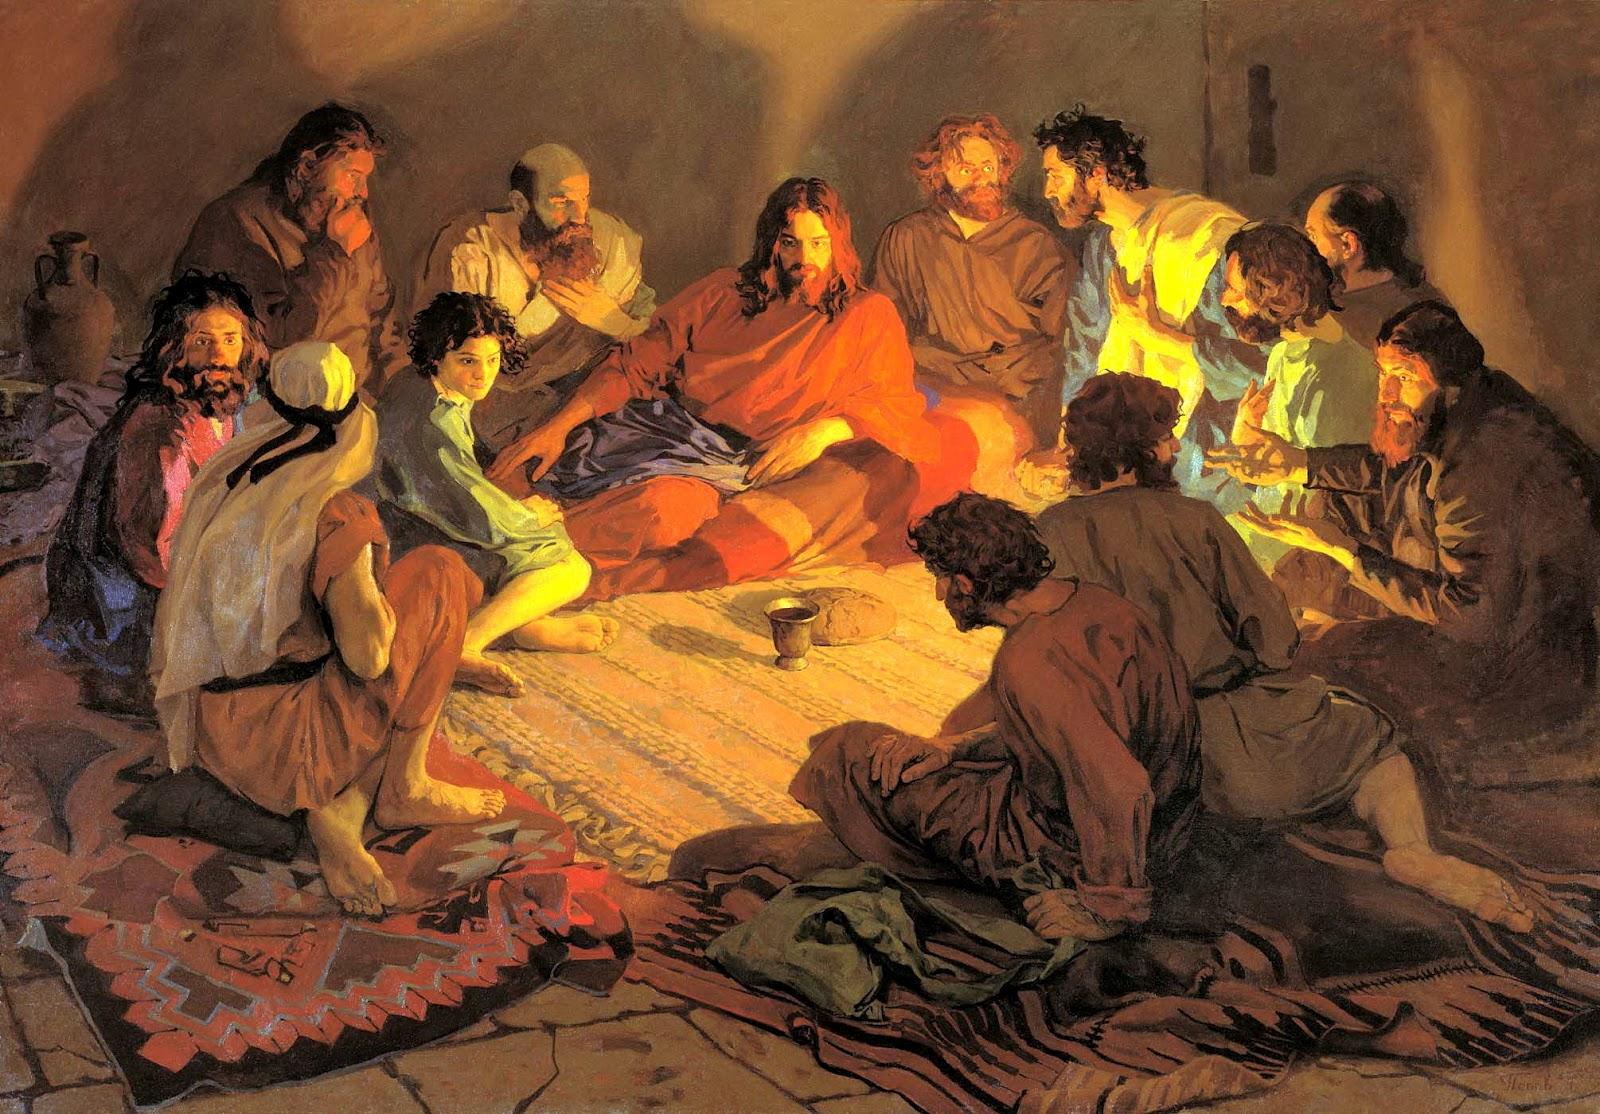 Тайная вечеря - описание в Библии и ...: www.bogobloger.ru/2012/04/blog-post_5315.html